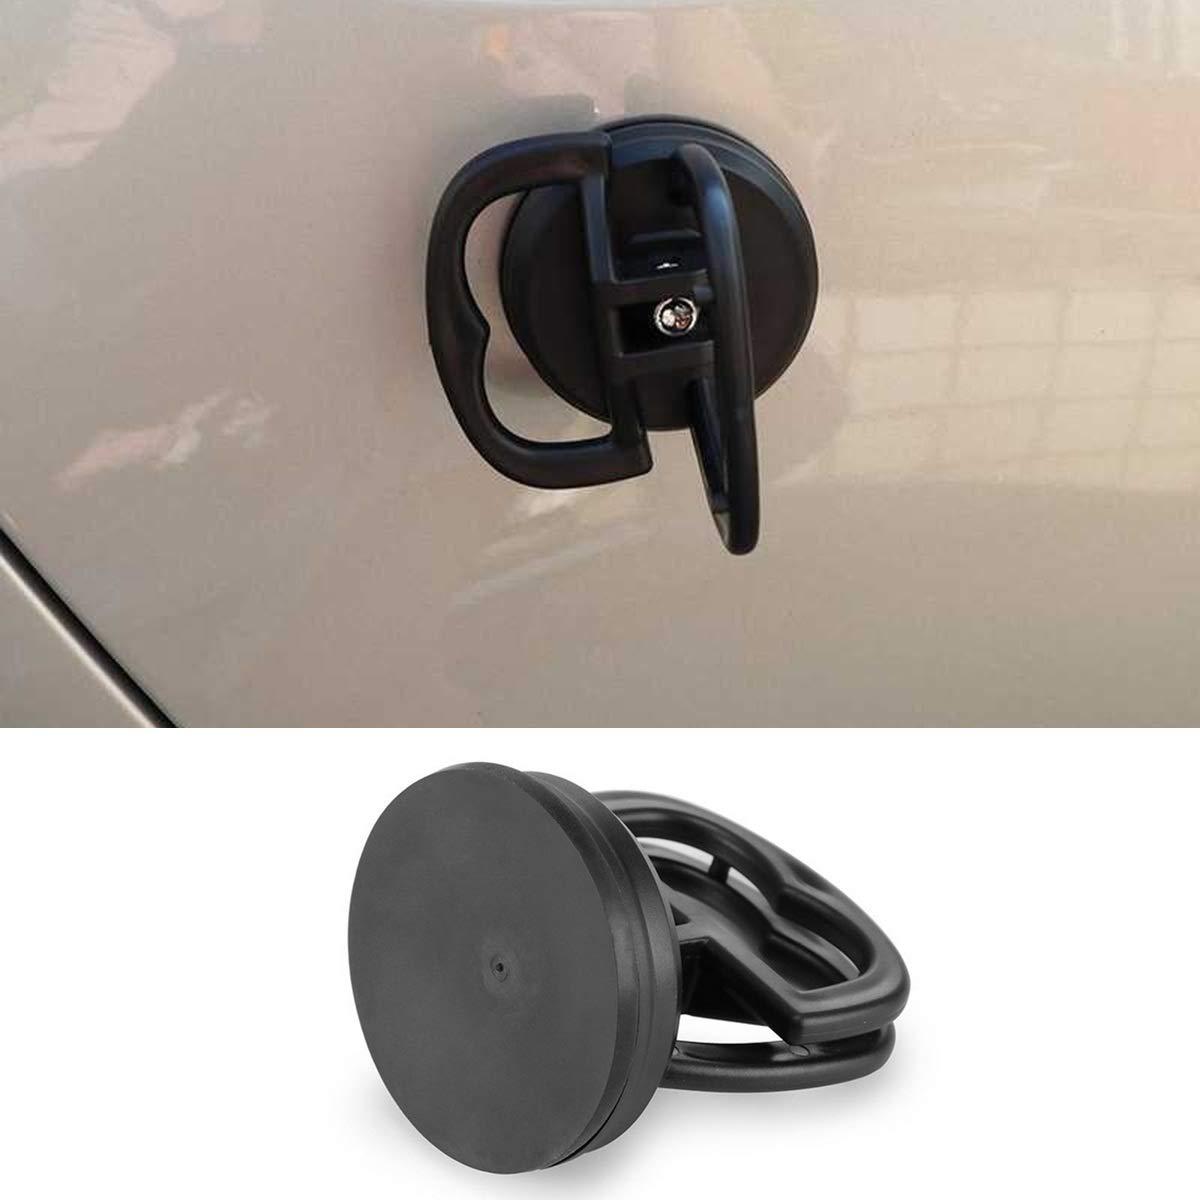 Outil de r/éparation de ventouse de carrosserie de voiture de r/éparation de extracteur dextracteur de voiture portatif mini de voiture